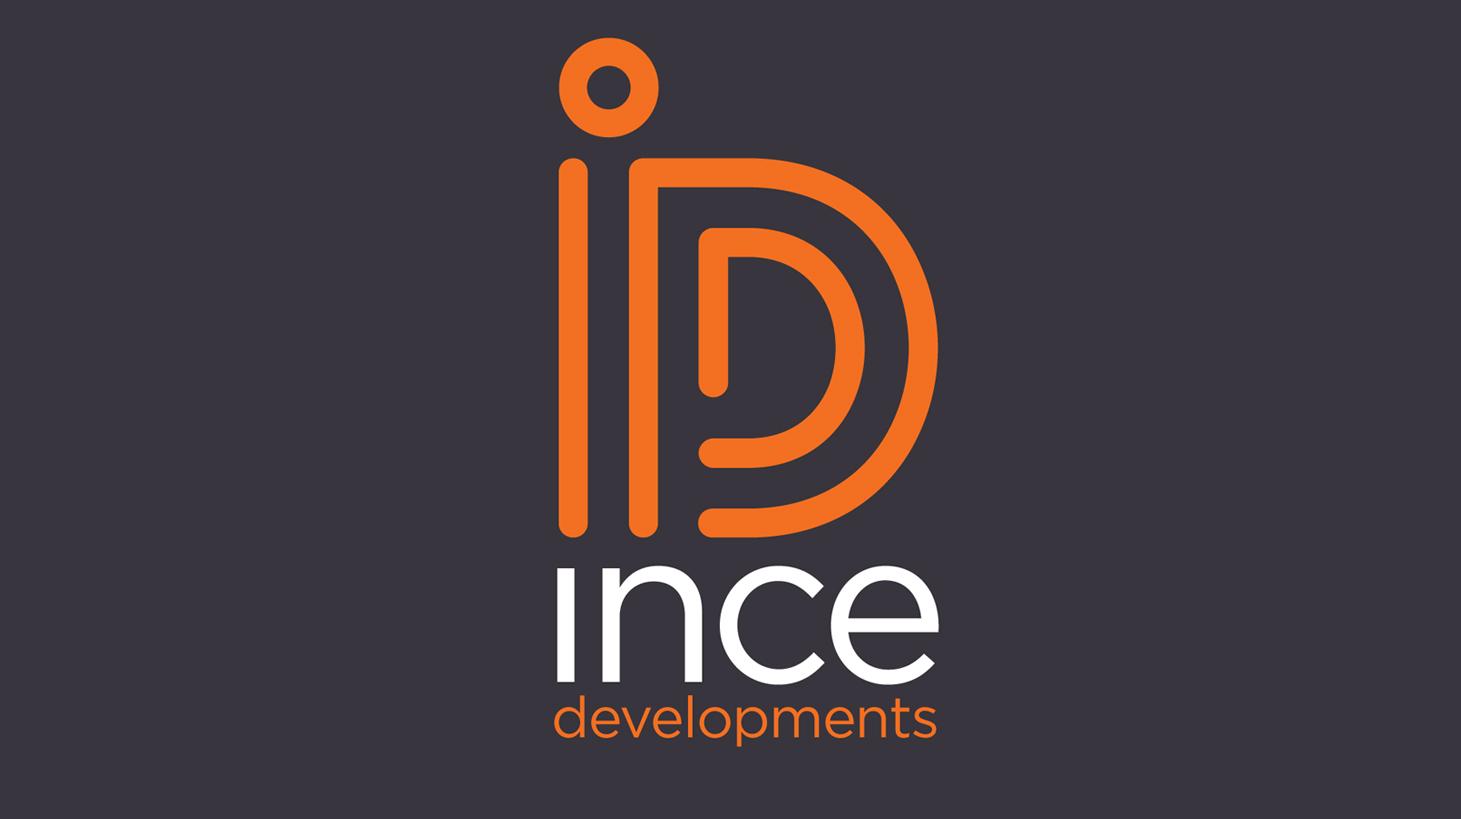 logos-branding-10